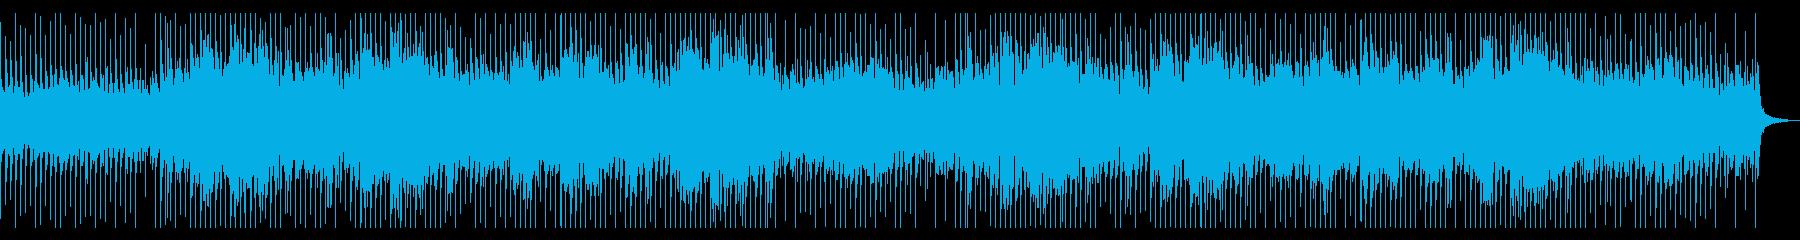 ロックテイストのポジティブピアノBGMの再生済みの波形